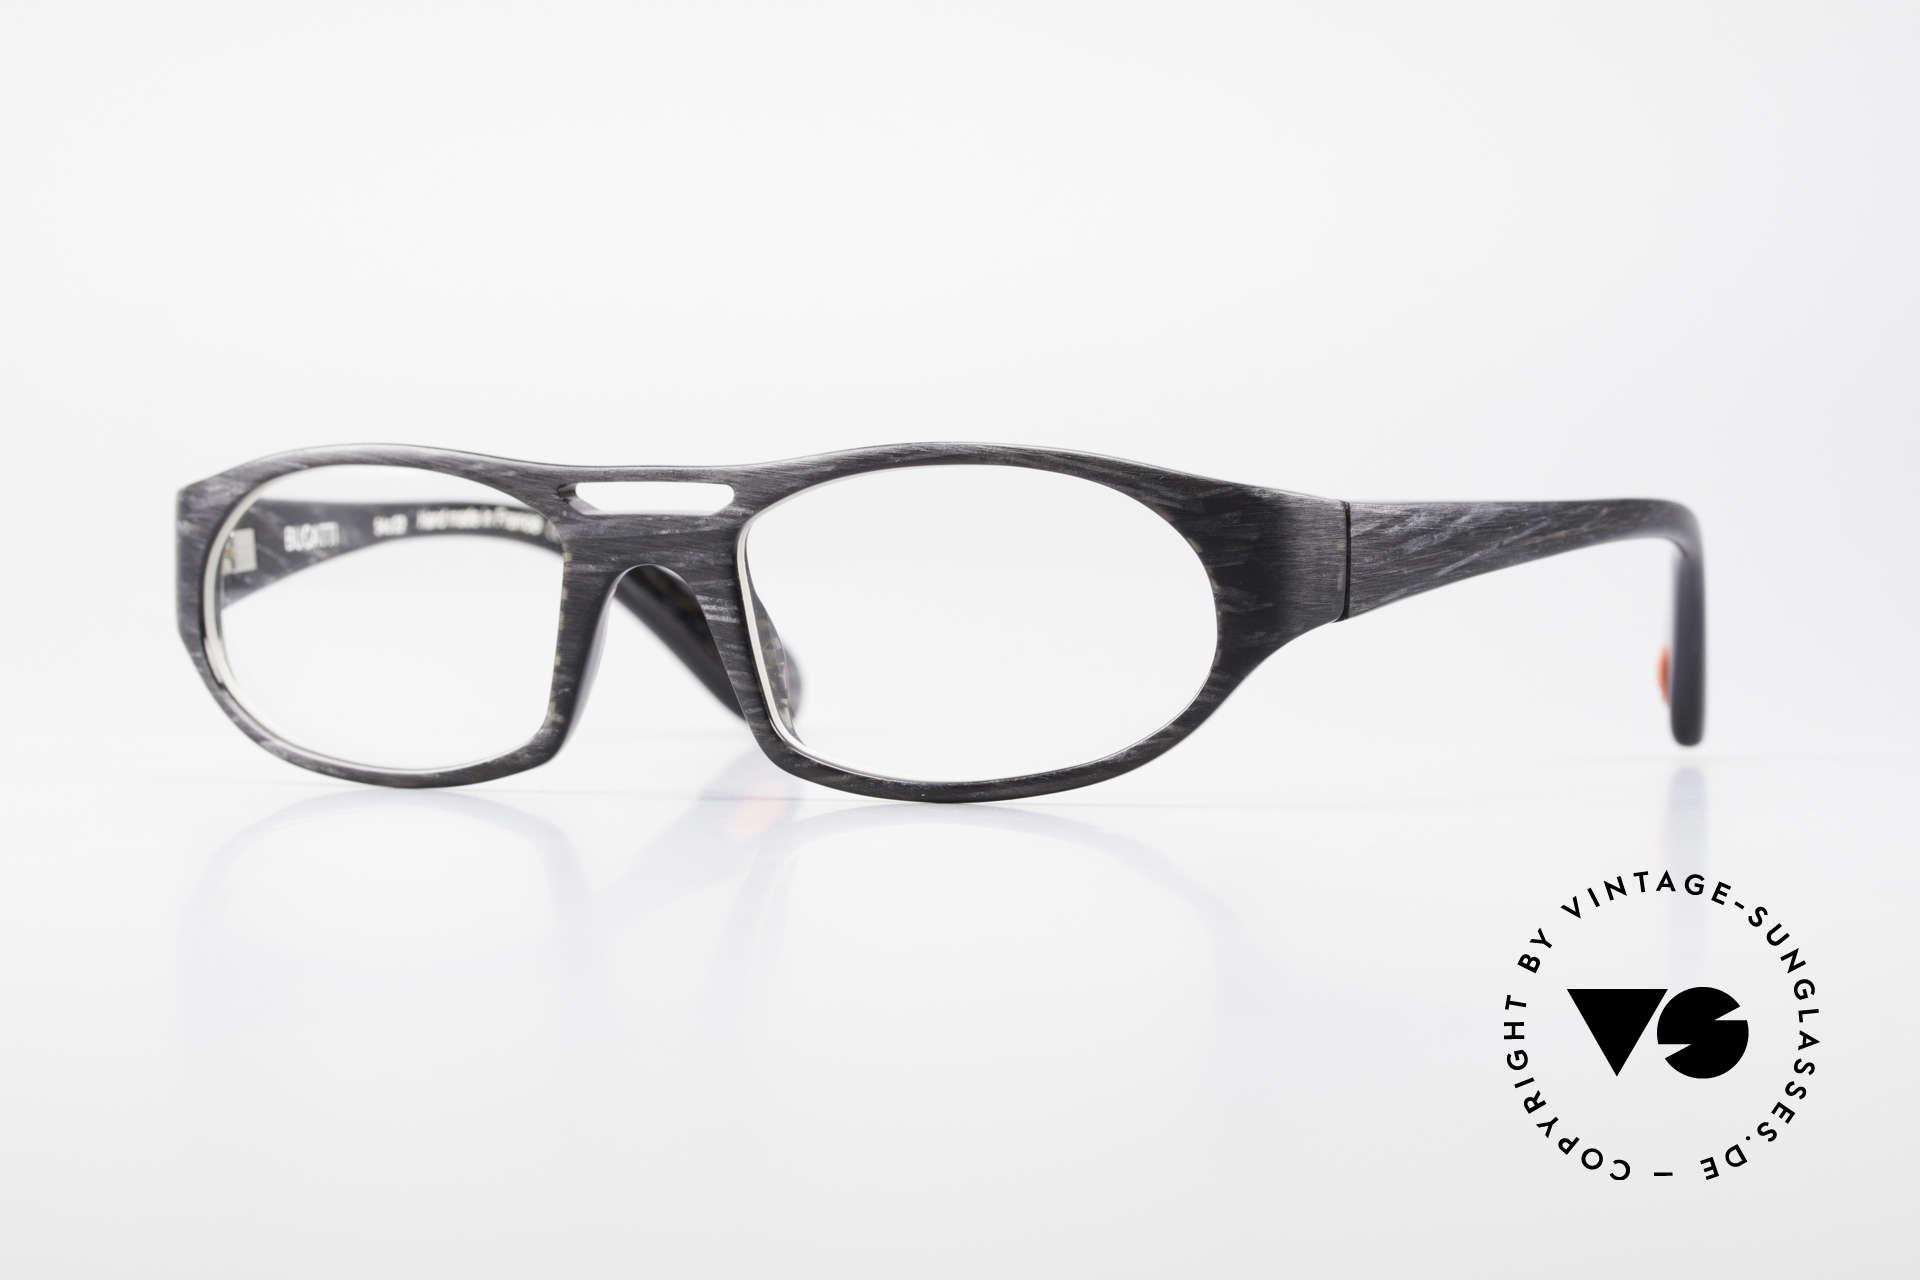 Bugatti 220 XLarge Designer Luxusfassung, markante high-tech Brillenfassung von Bugatti, Passend für Herren